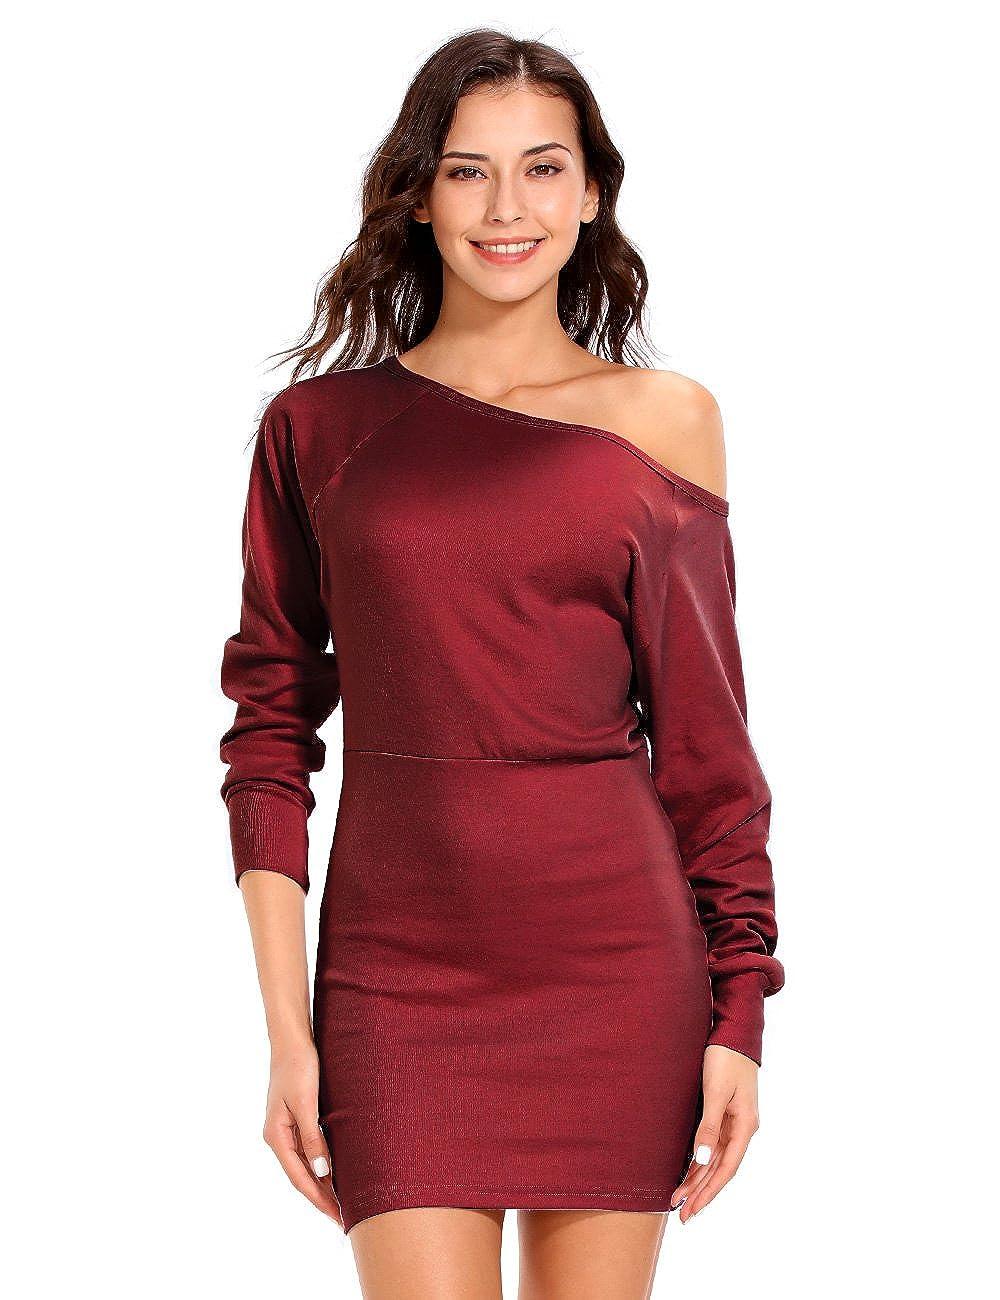 c1f64c86fb89f2 Long Sleeve Bandage Dress Amazon Uk | Saddha